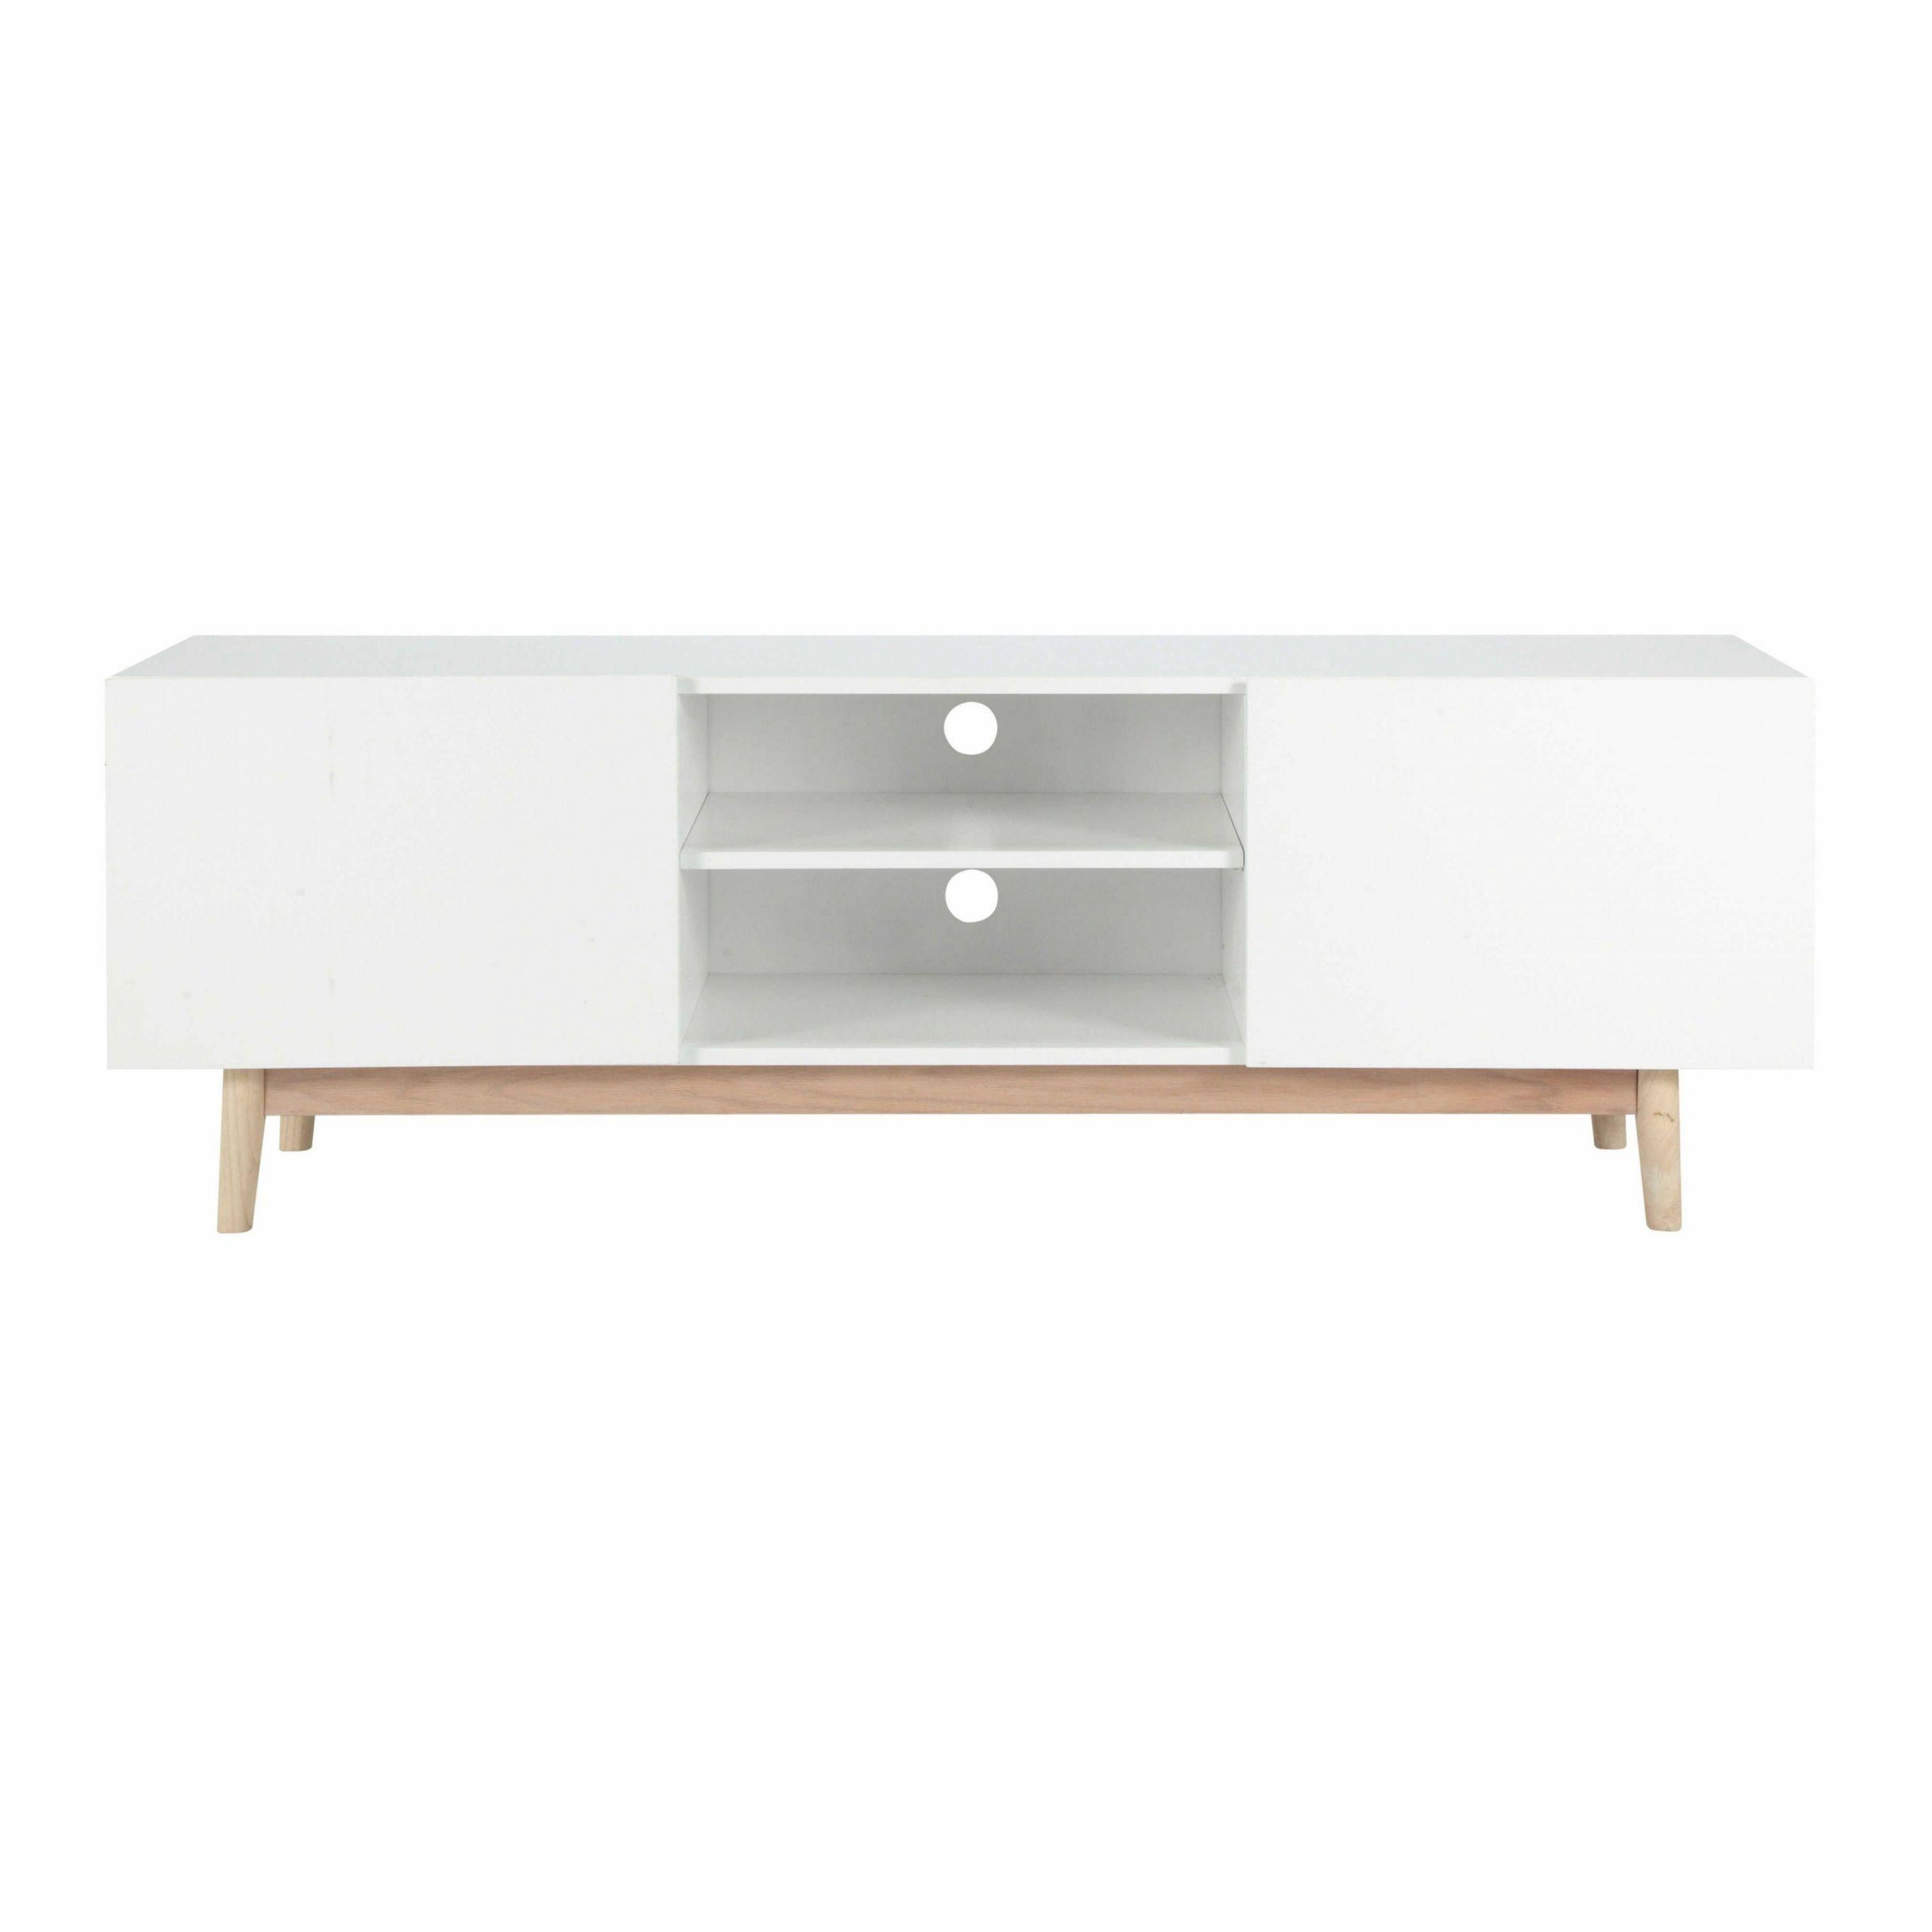 meuble de sejour conforama table tv salon du meuble nouveau conforama meuble salon of meuble de sejour